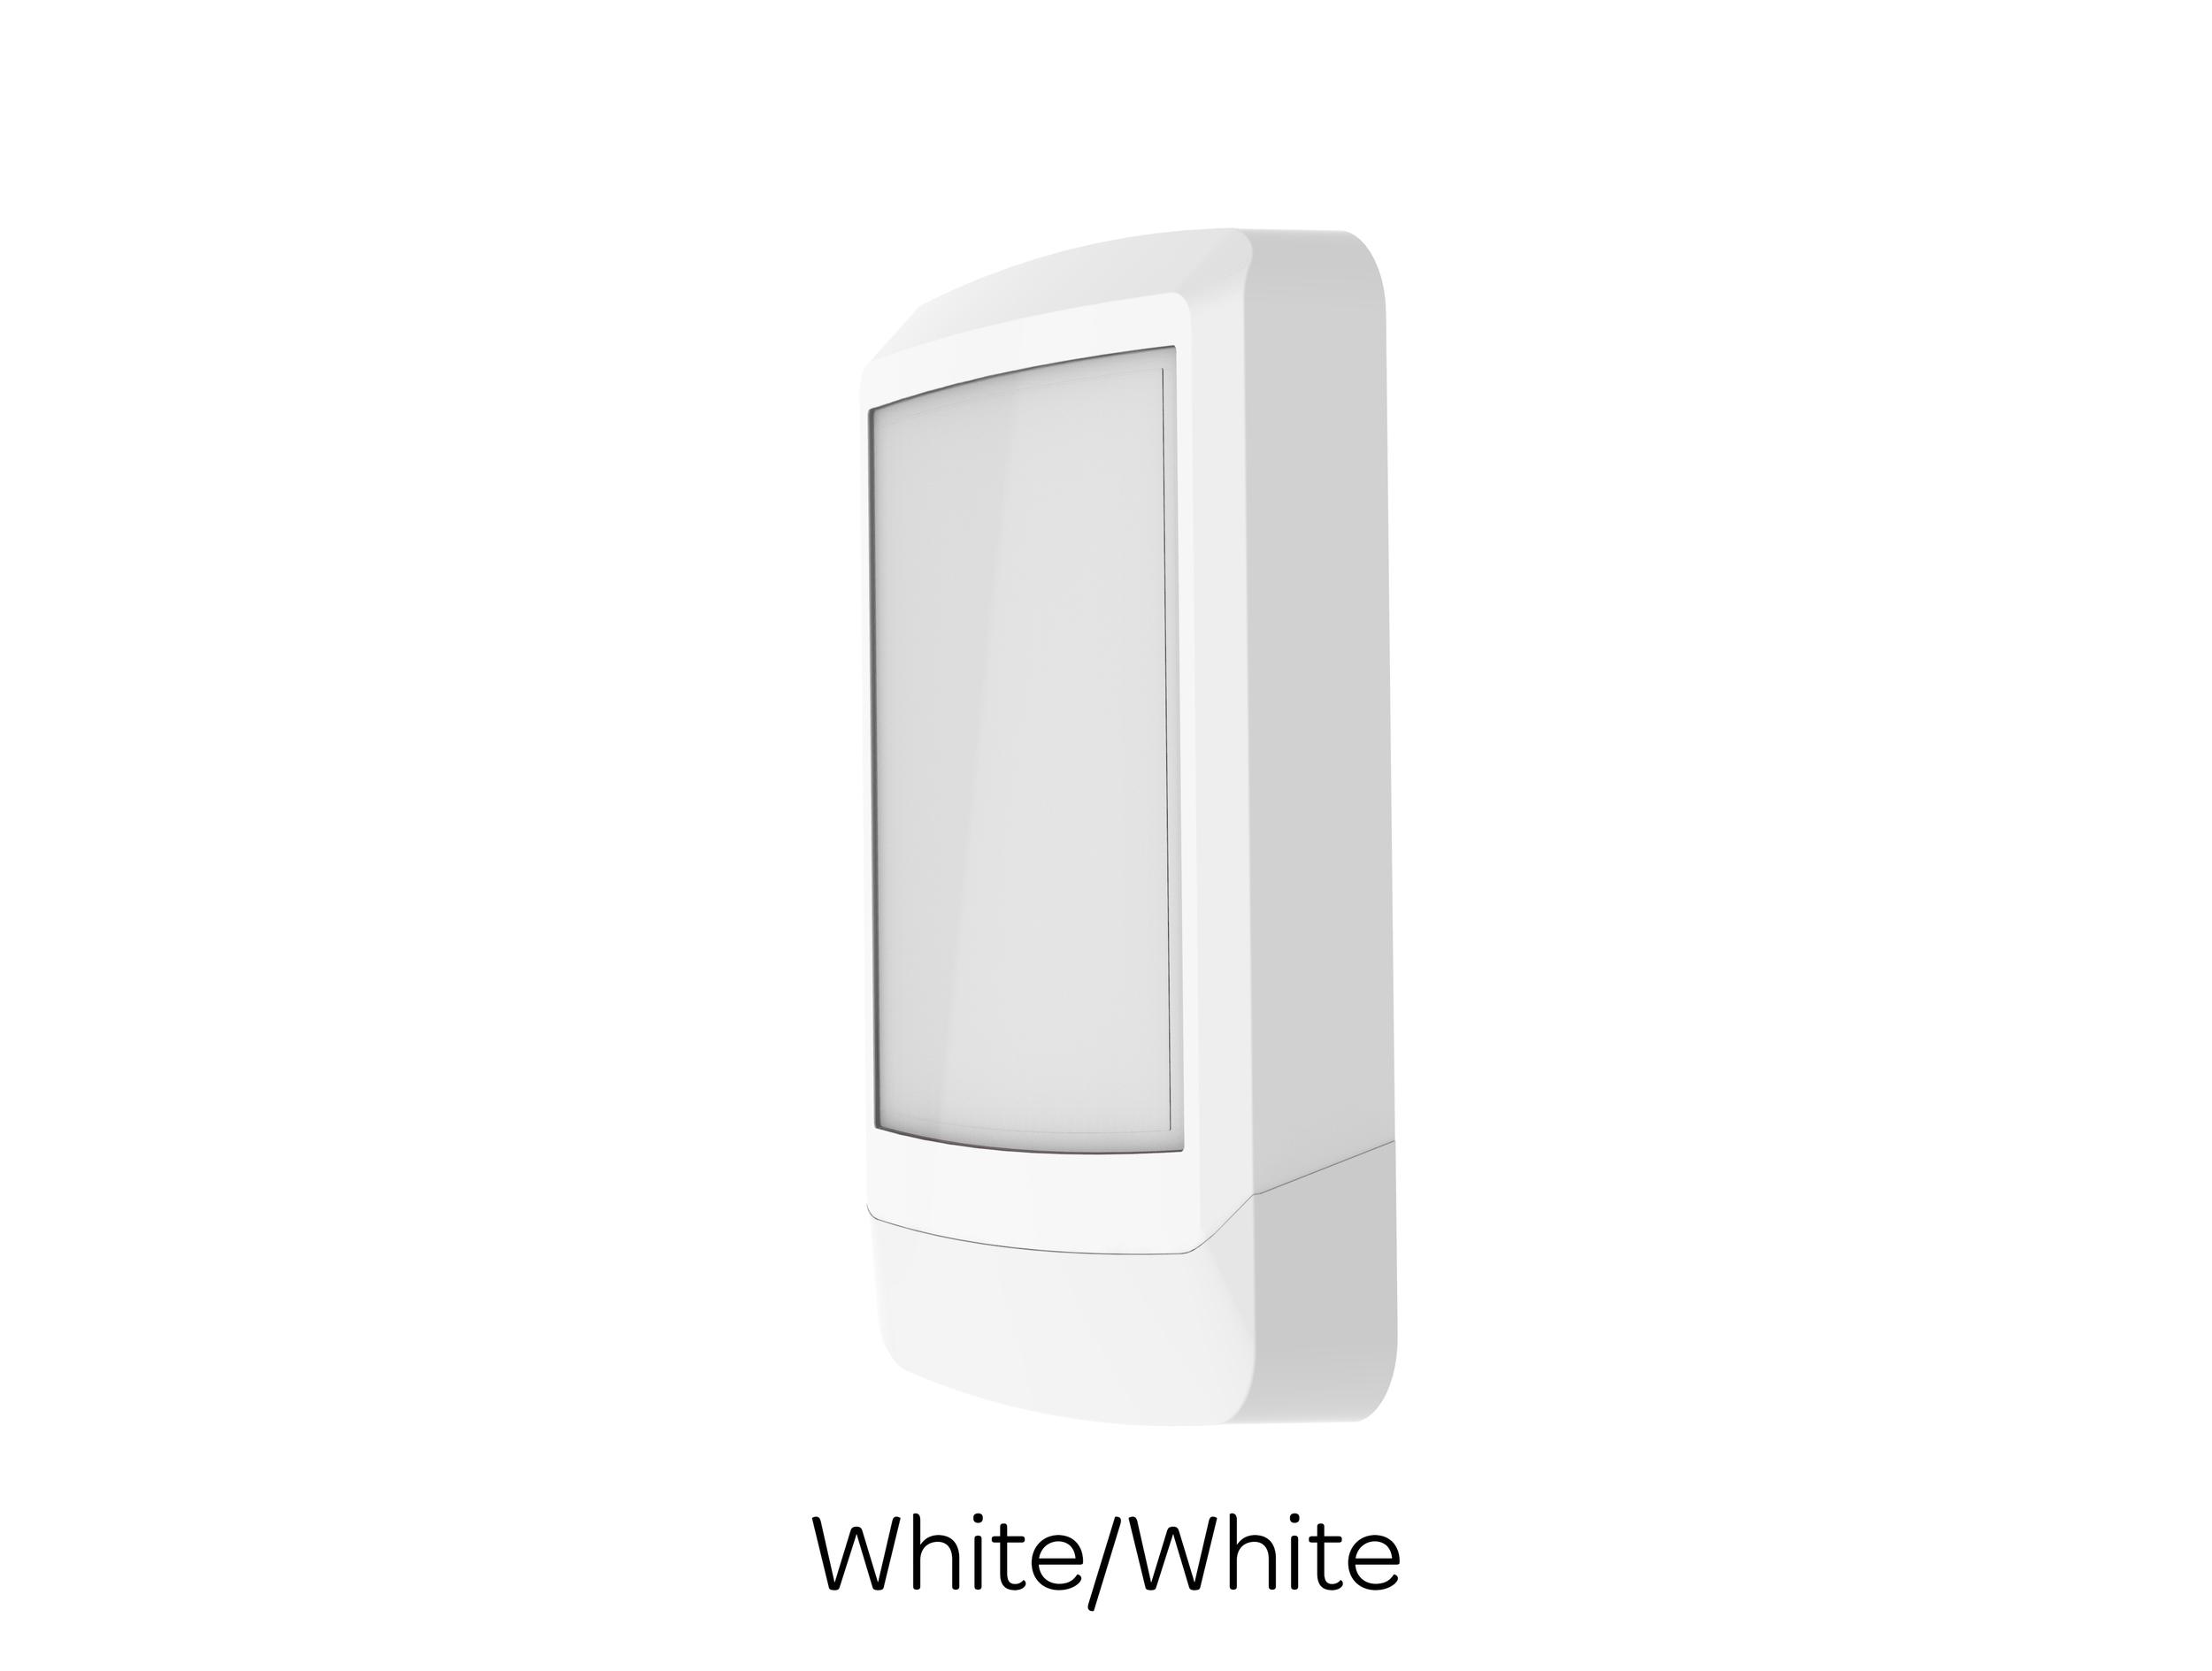 Web_OdyX1_White-White_WhiteBG.jpg